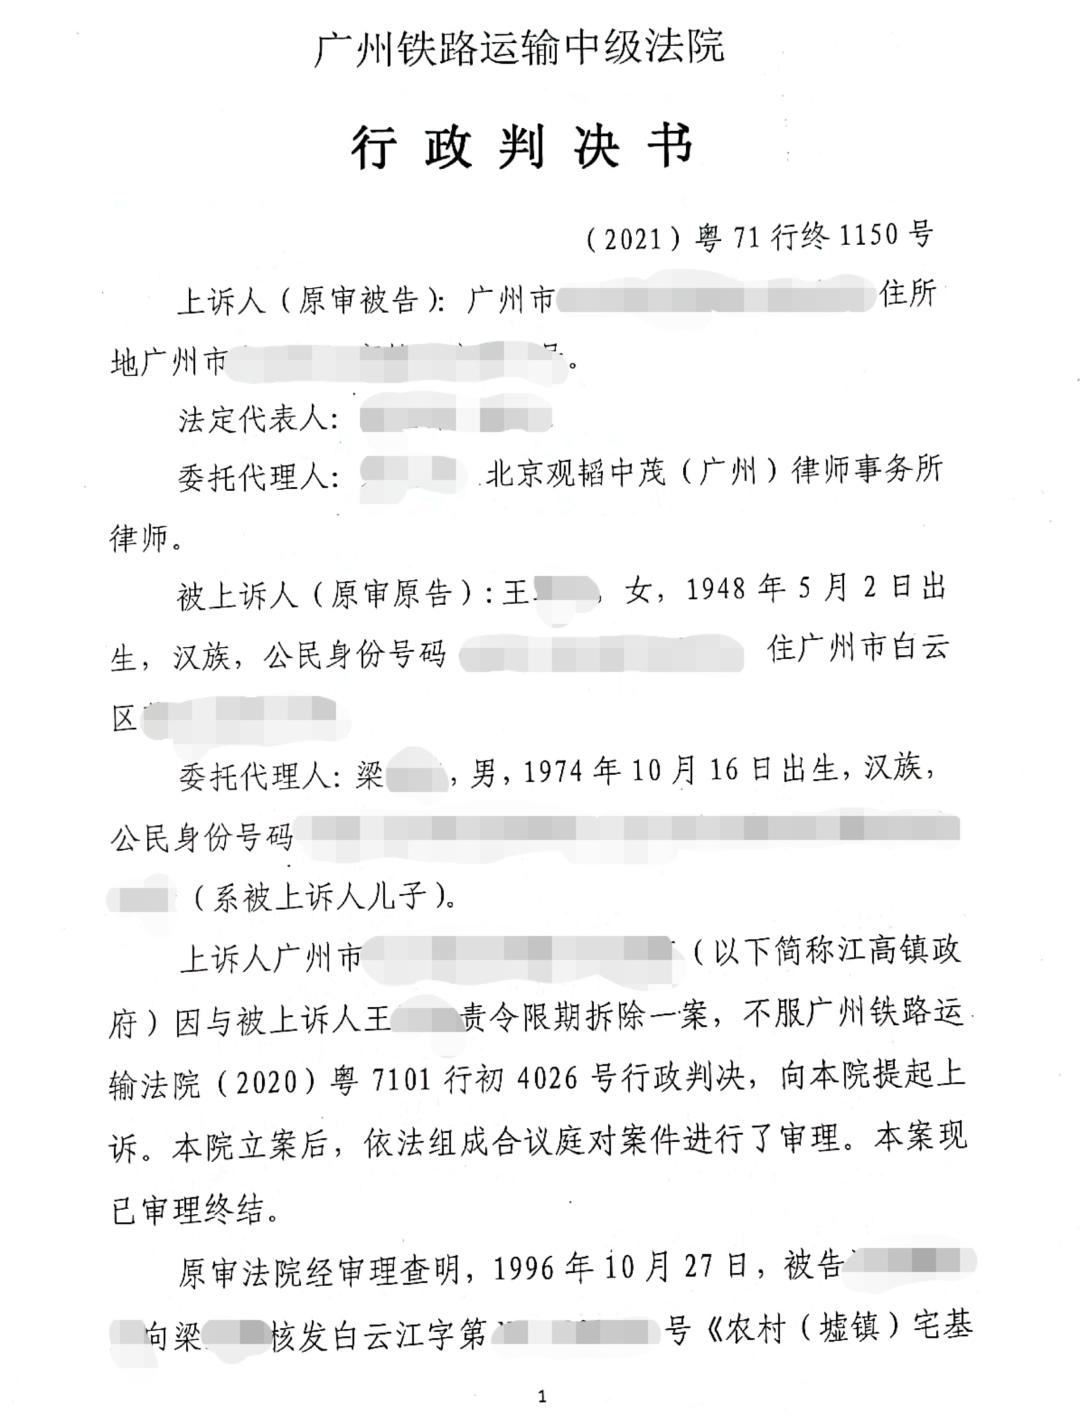 【胜诉公告·广州】一审判决行政机关败诉,被告不服上诉后二审法院维持一审判决!